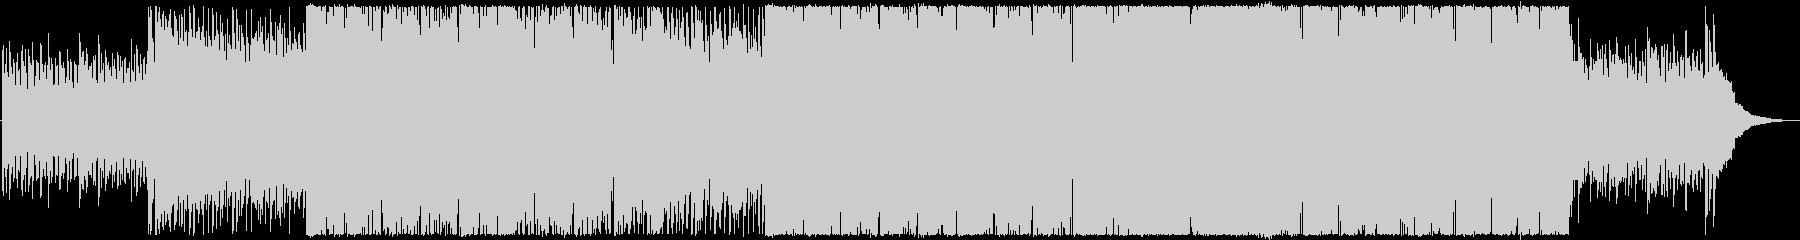 希望に満ち溢れたトランペットの未再生の波形